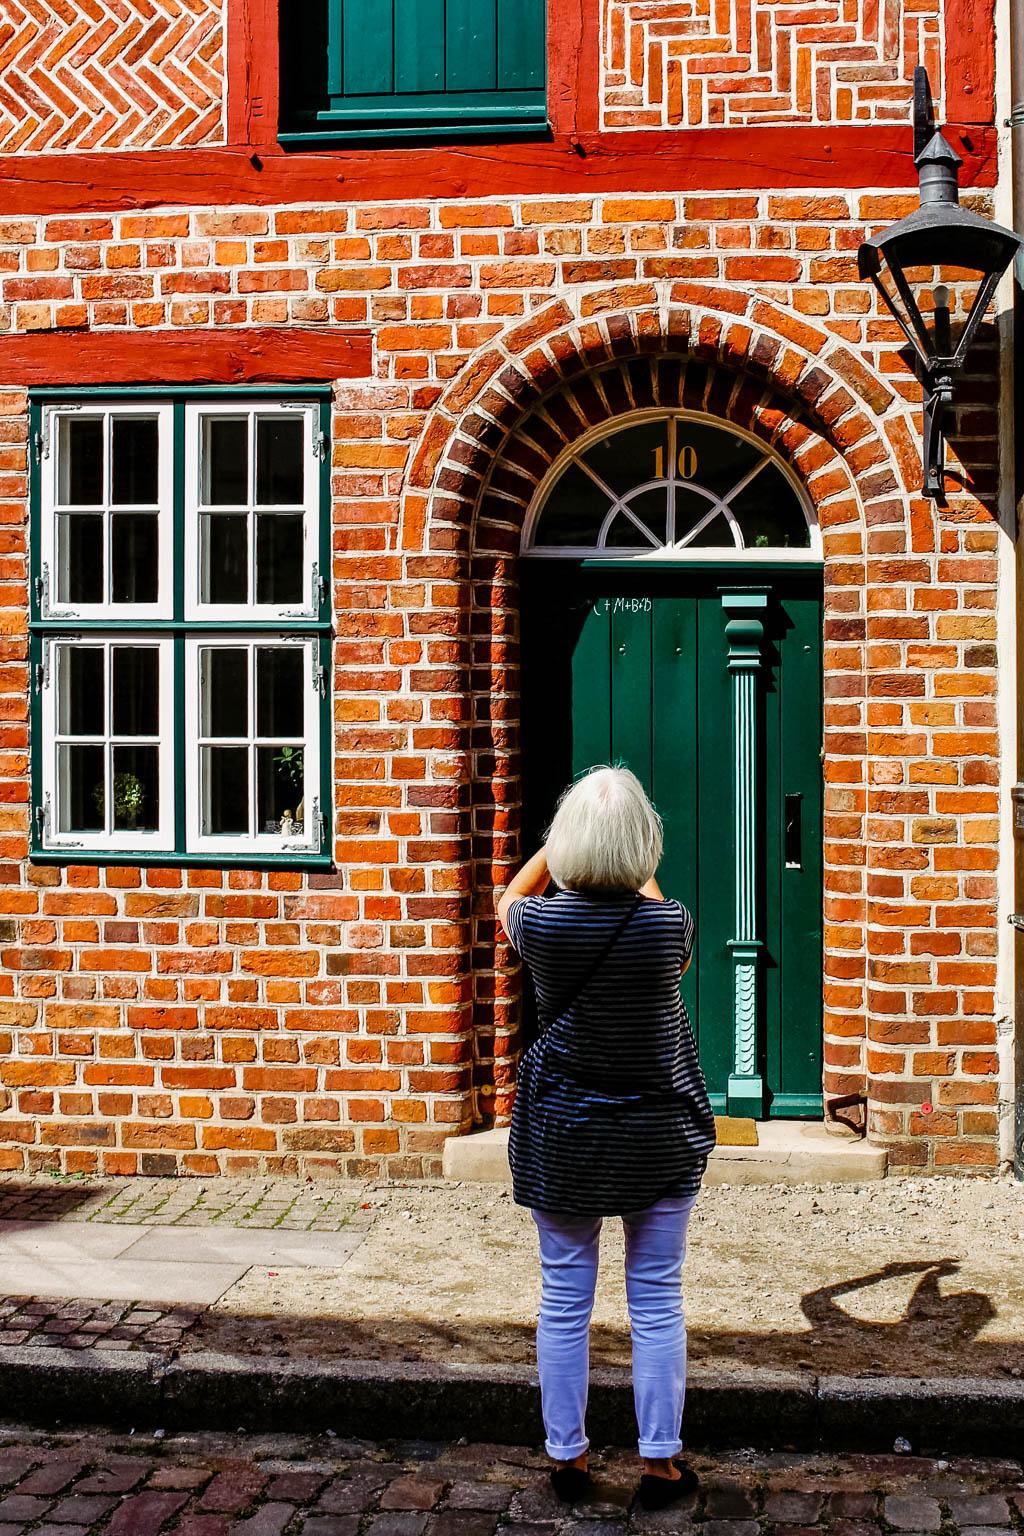 20 Dinge die man in Lüneburg machen sollte Sehenswürdigkeiten und ...